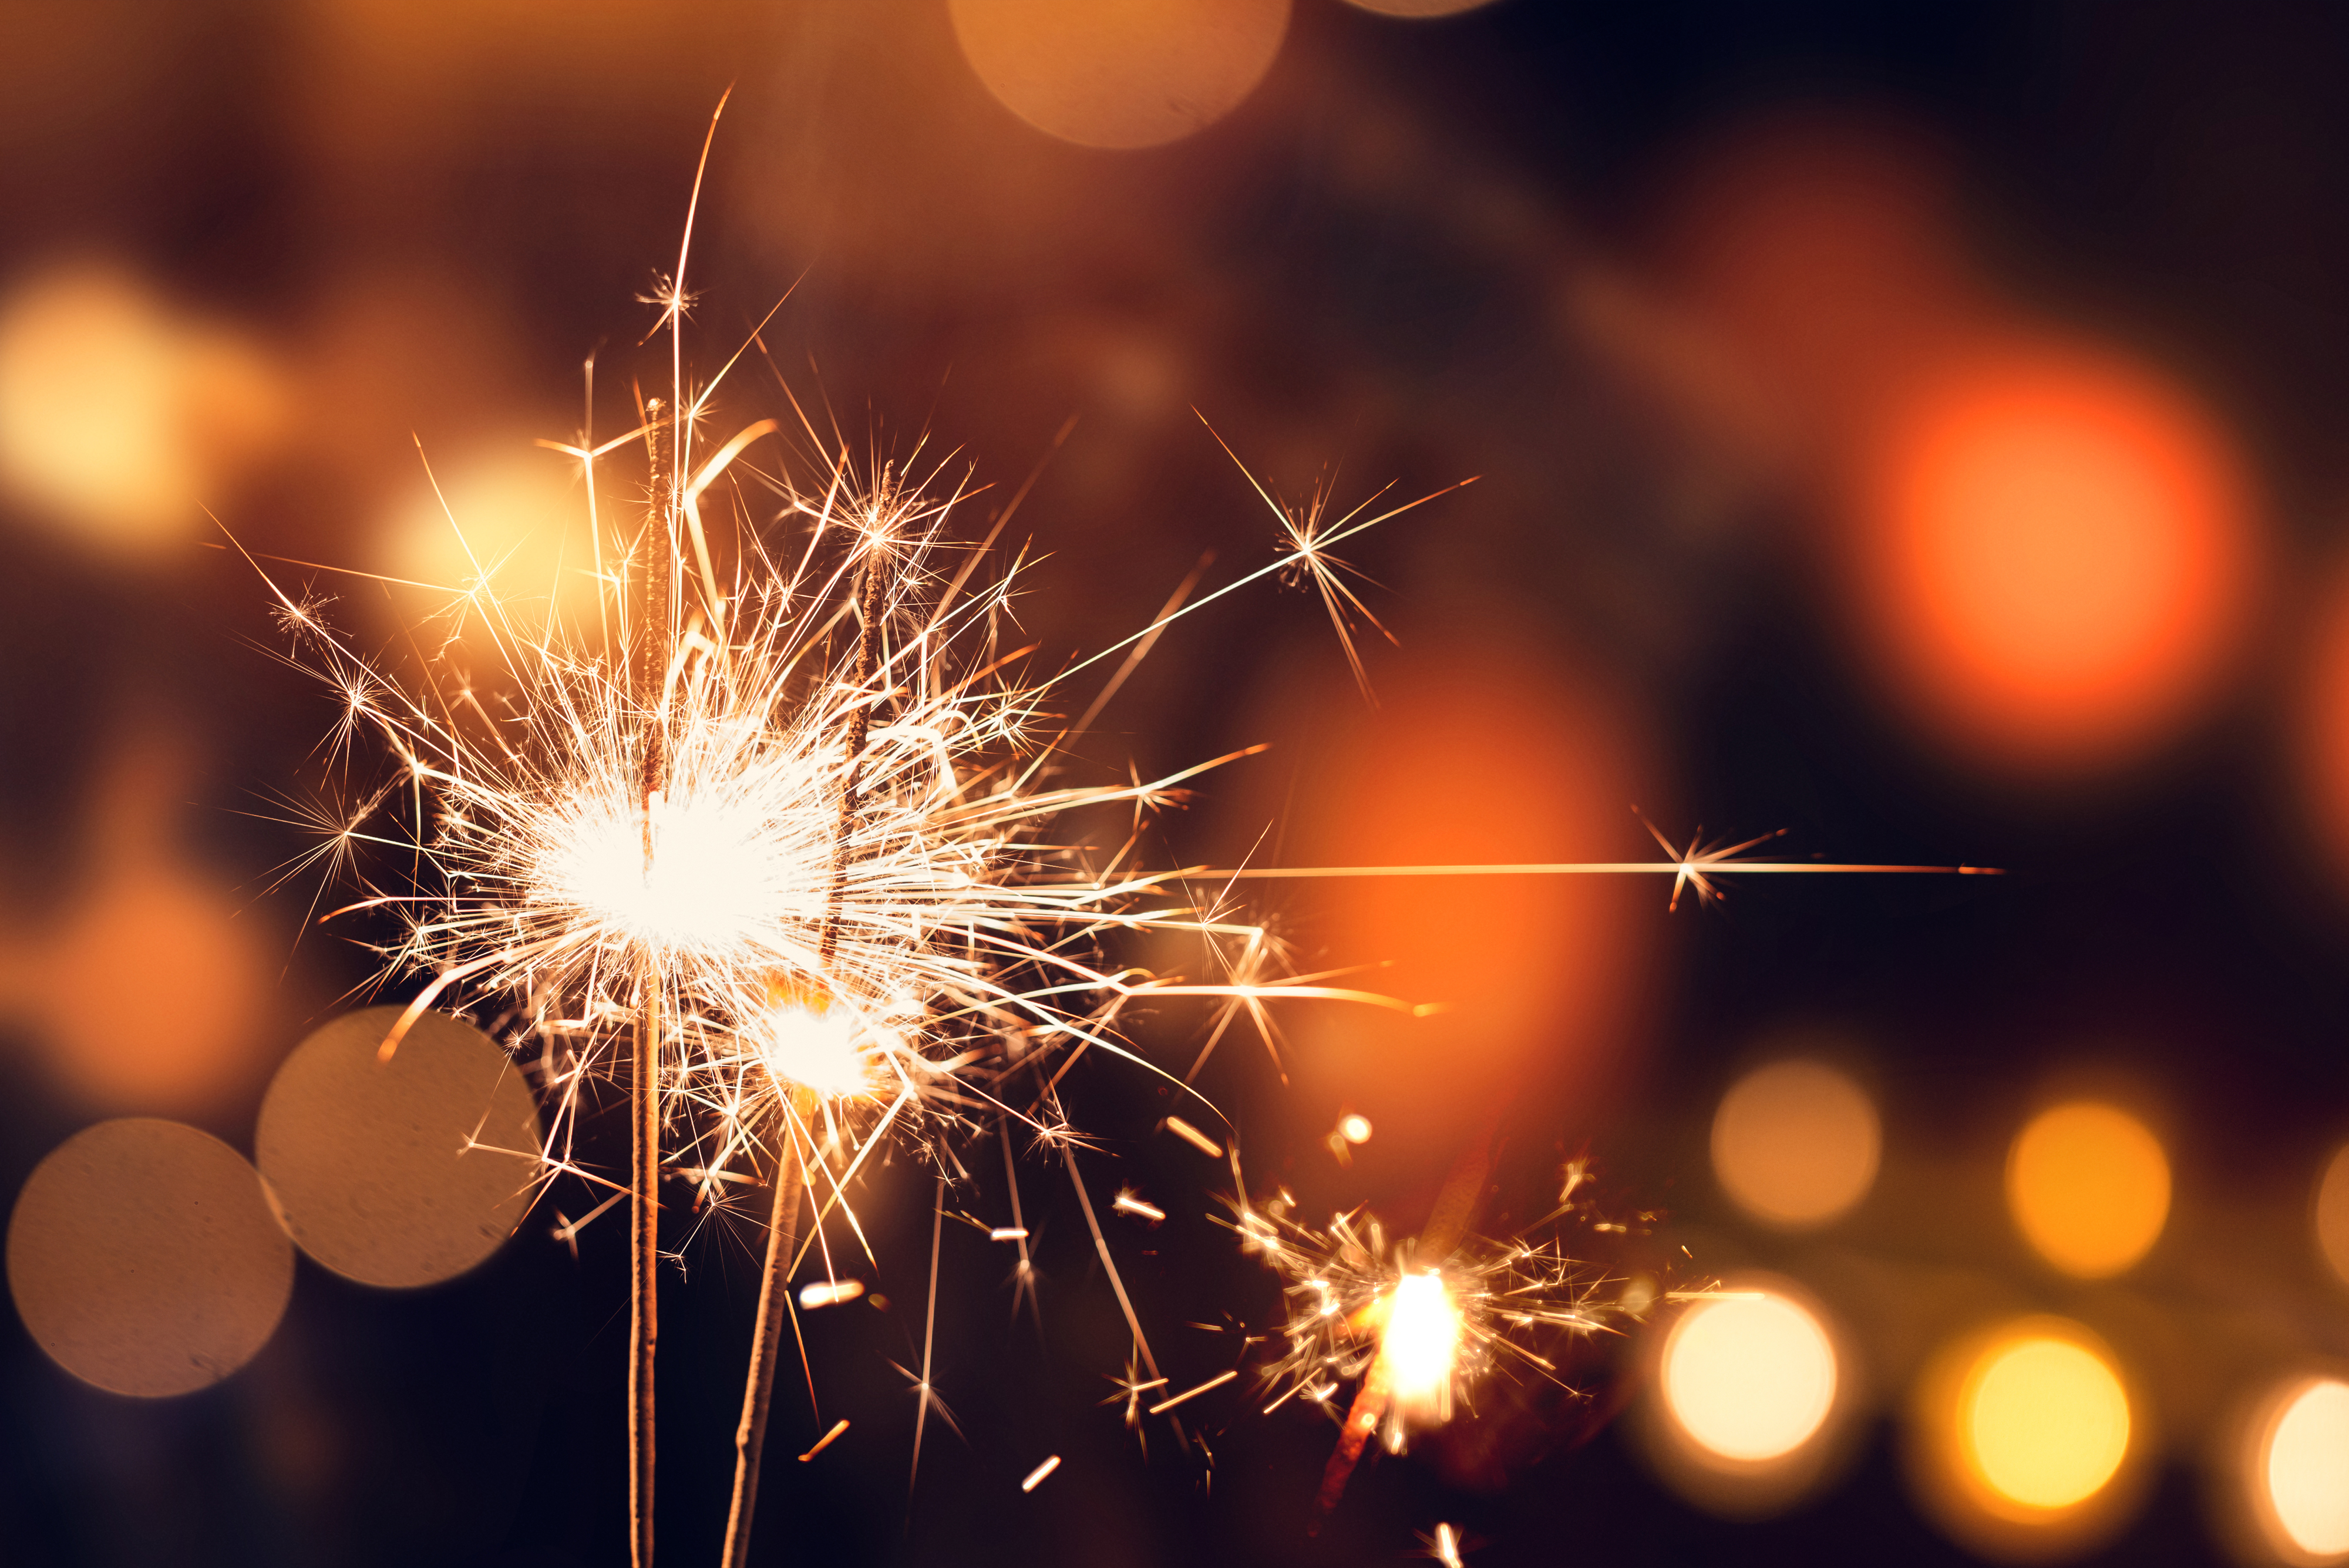 Fireworks, Sparklers